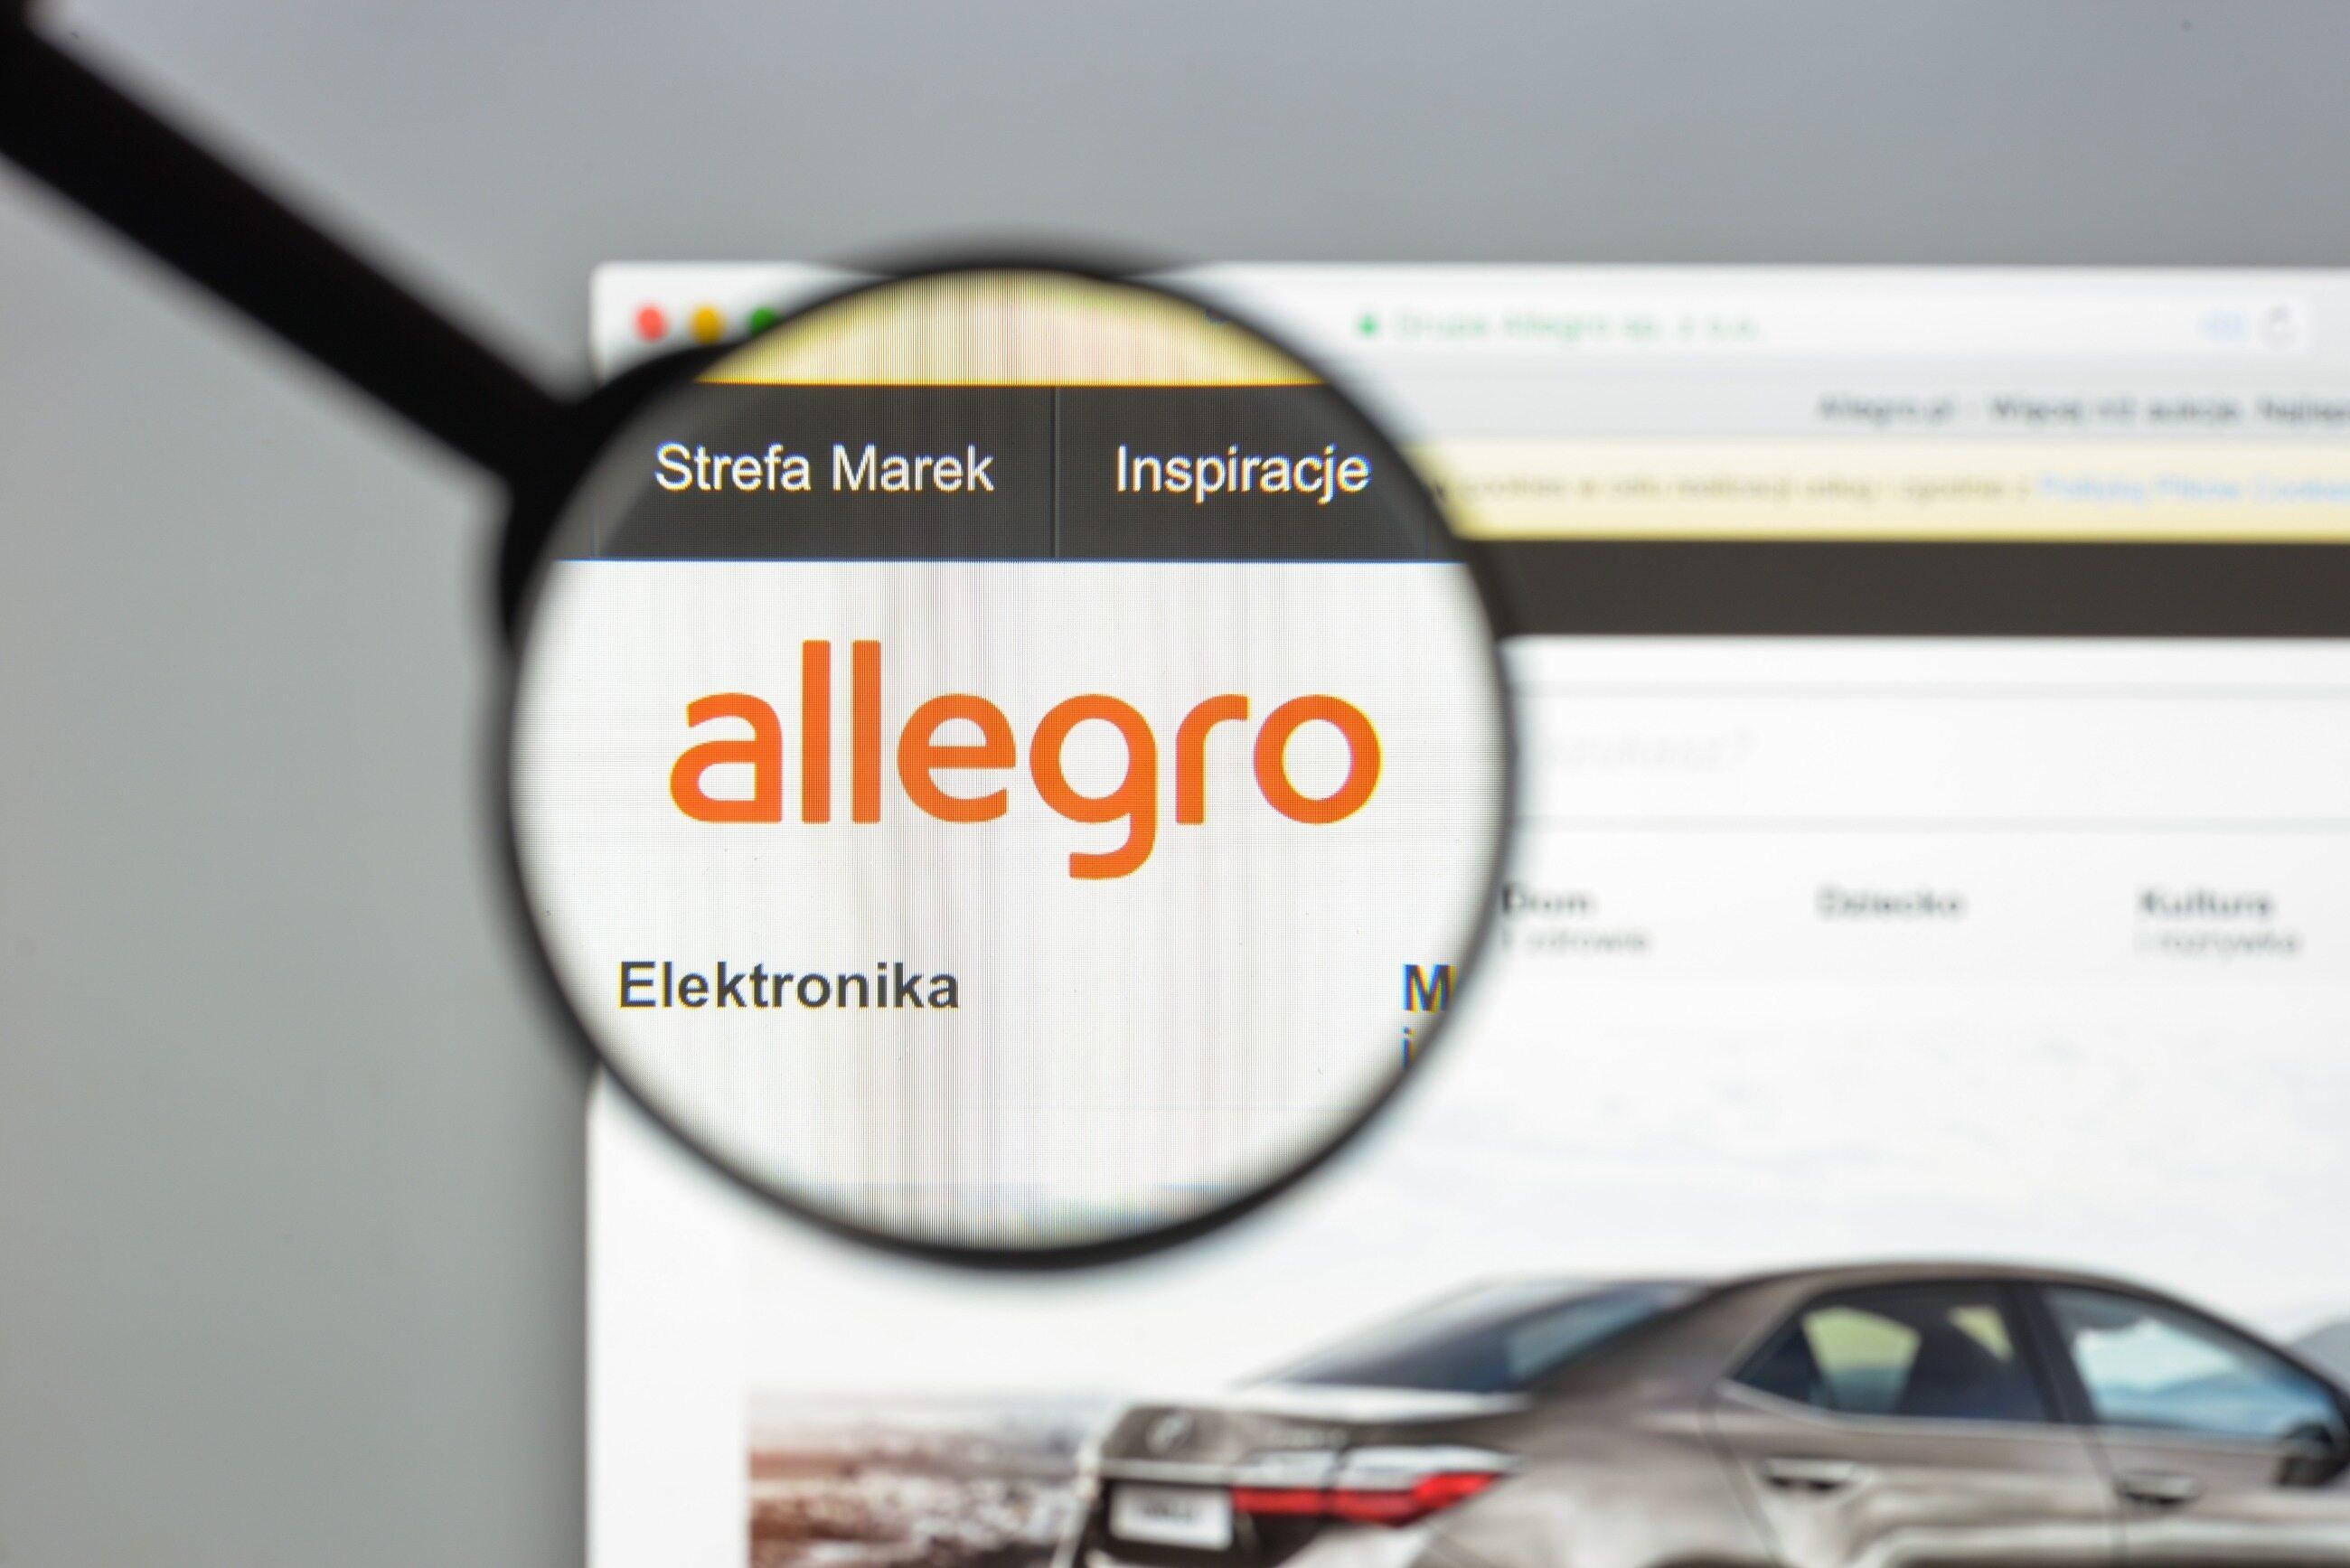 Allegro Zmienia Regulamin Nie Zrobimy Juz Zakupow Bez Rejestracji